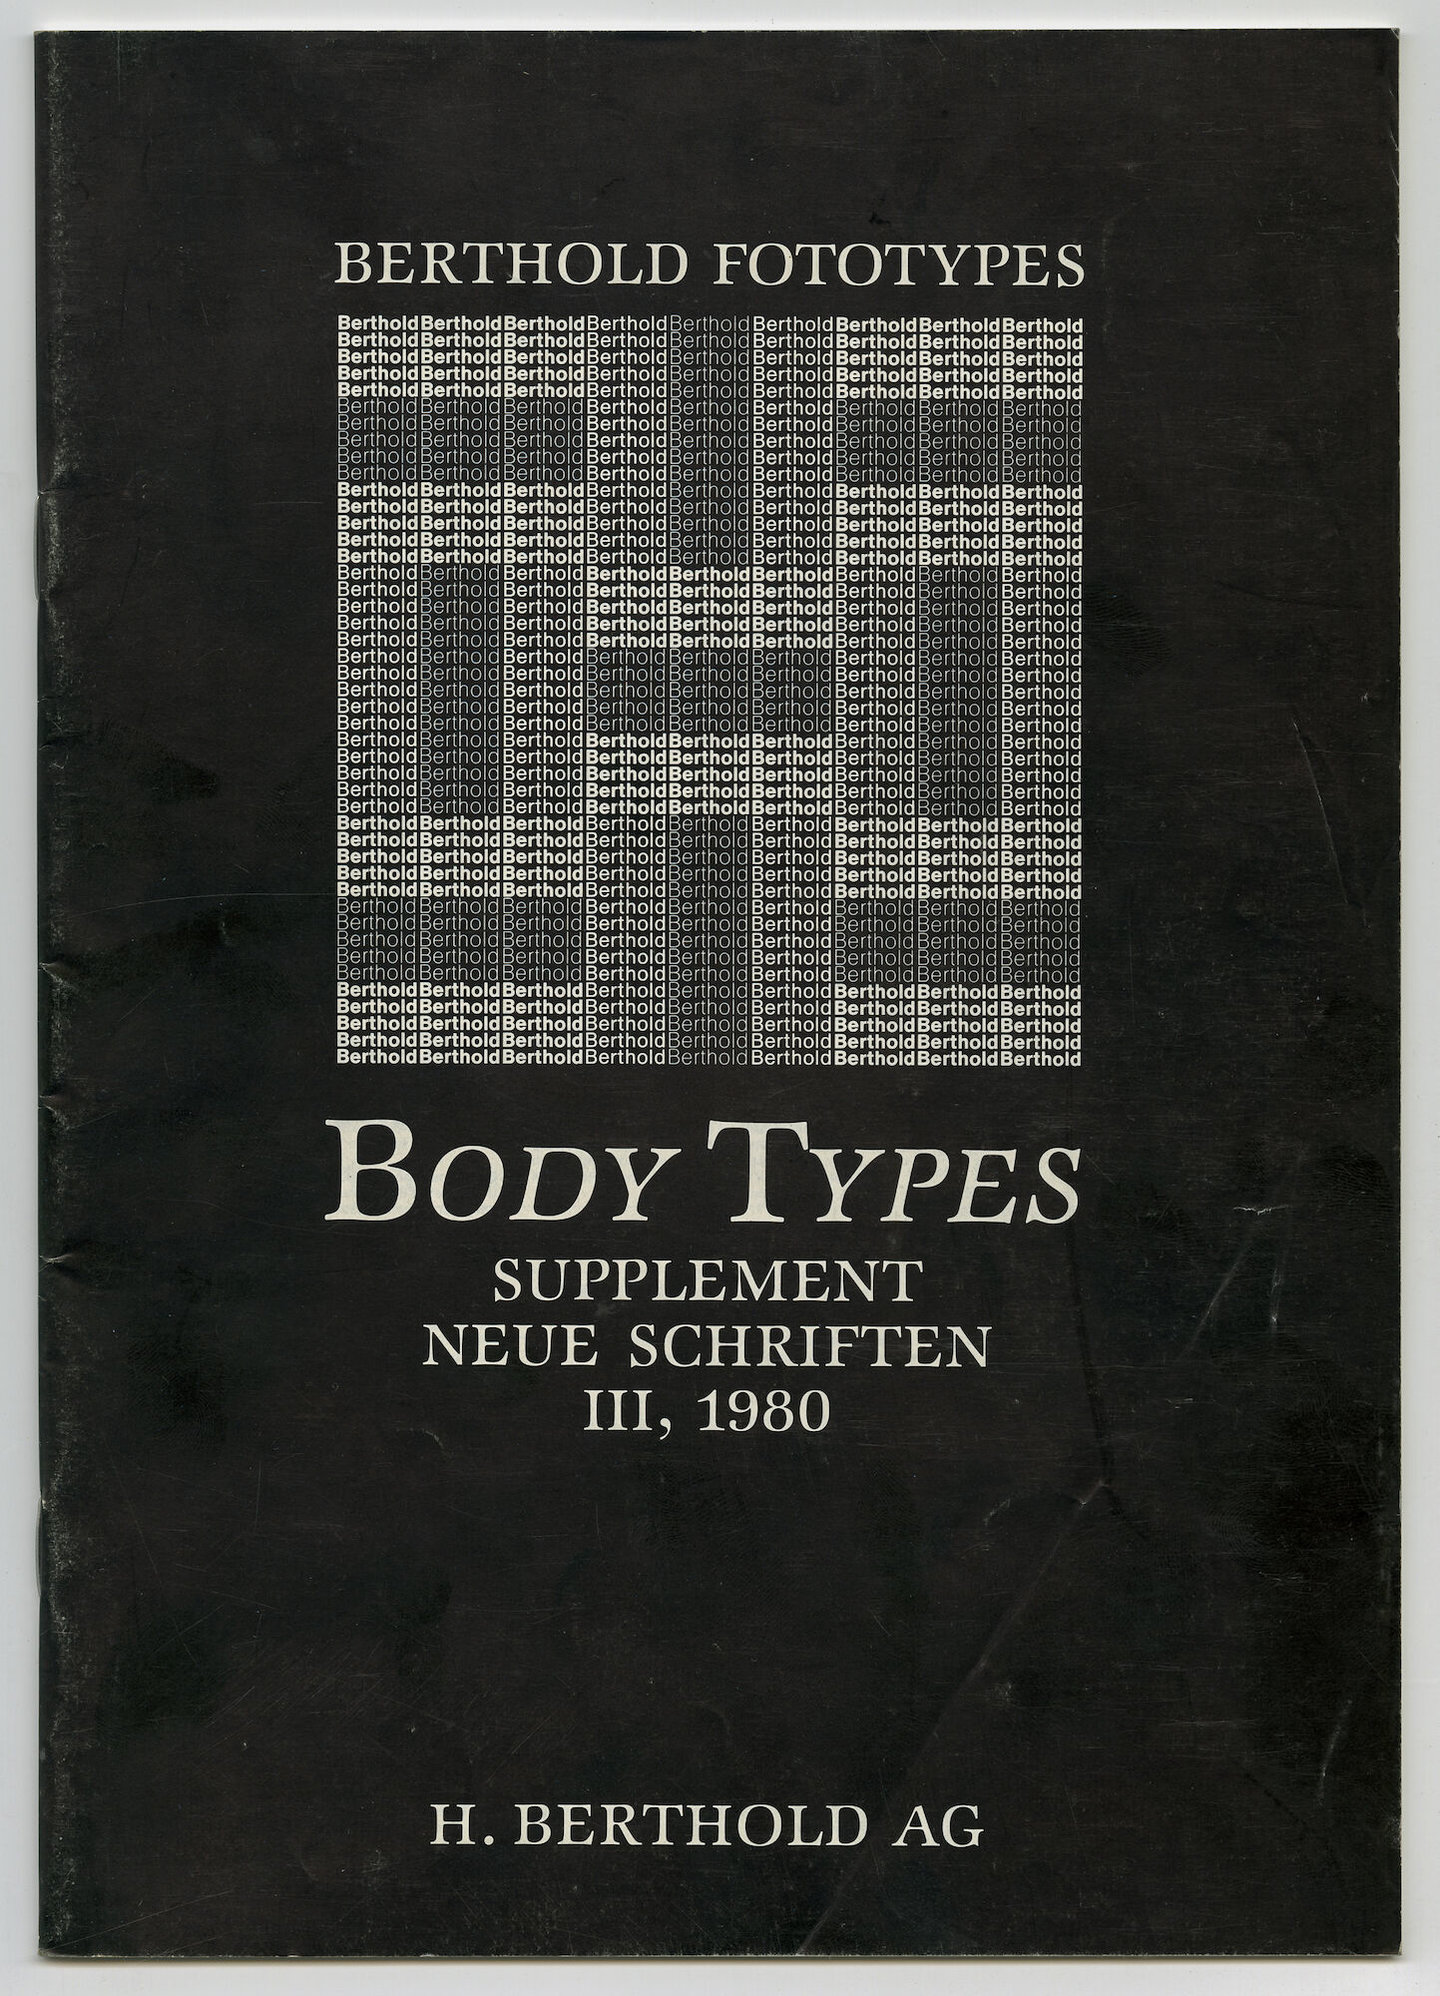 Letterproef met lettertypes van Berthold